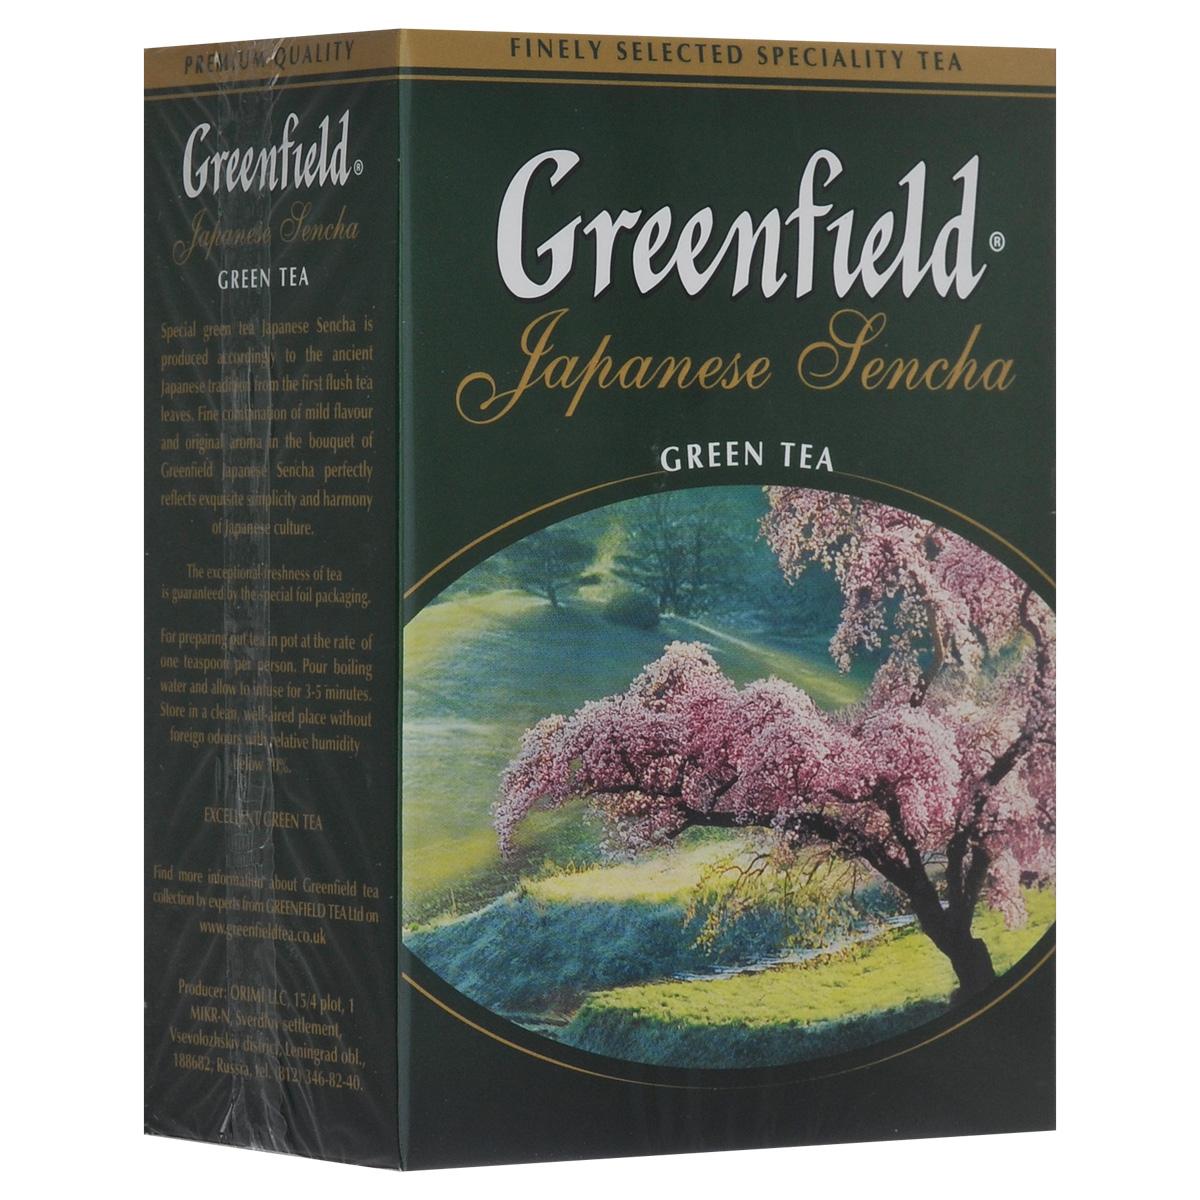 Greenfield Japanese Sencha зеленый листовой чай, 100 г0612-16Японский зеленый чай из провинции Фукуока. Изготавливается по особой технологии: на несколько дней перед сбором чайные кусты затеняют тростниковым или бамбуковым покрытием, чтобы усилить ароматические свойства чая. Собранные чайные листочки не сушат, как принято в других «чайных» странах, а обрабатывают паром и слегка сплющивают, поэтому на вид готовая сенча напоминает остренькие зеленые иголочки. А климатические условия страны, островное расположение плантаций, особенности почв, дают чаю самобытный сложный вкусовой букет. Джапаниз Сенча - необычный чай, в нем явно ощущается тонкий сливочный вкус и легкий аромат моря - так может пахнуть соленый прибой.